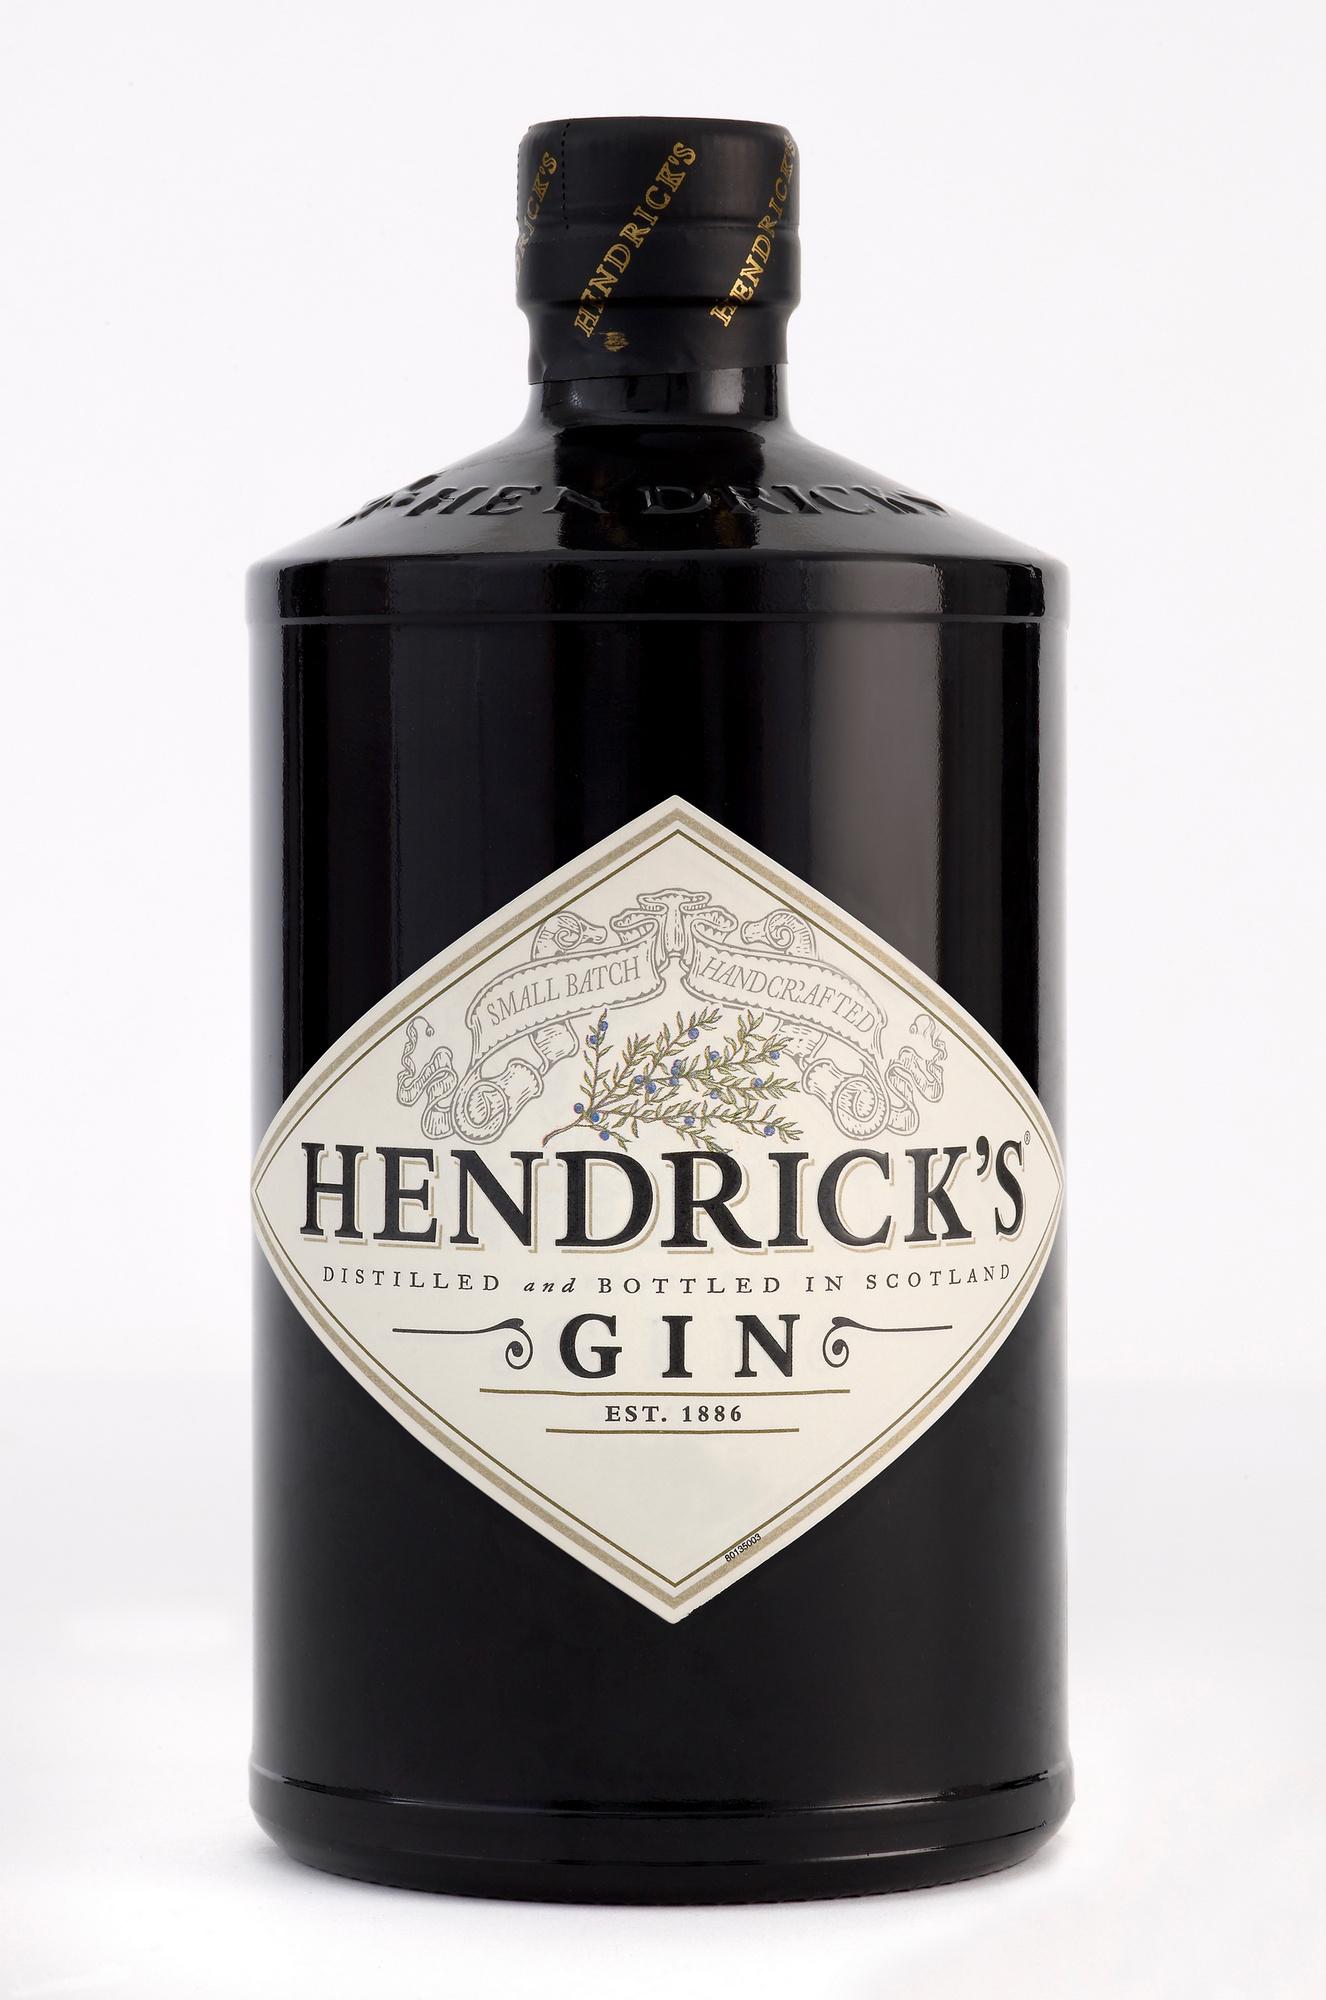 Hendricks For Sale